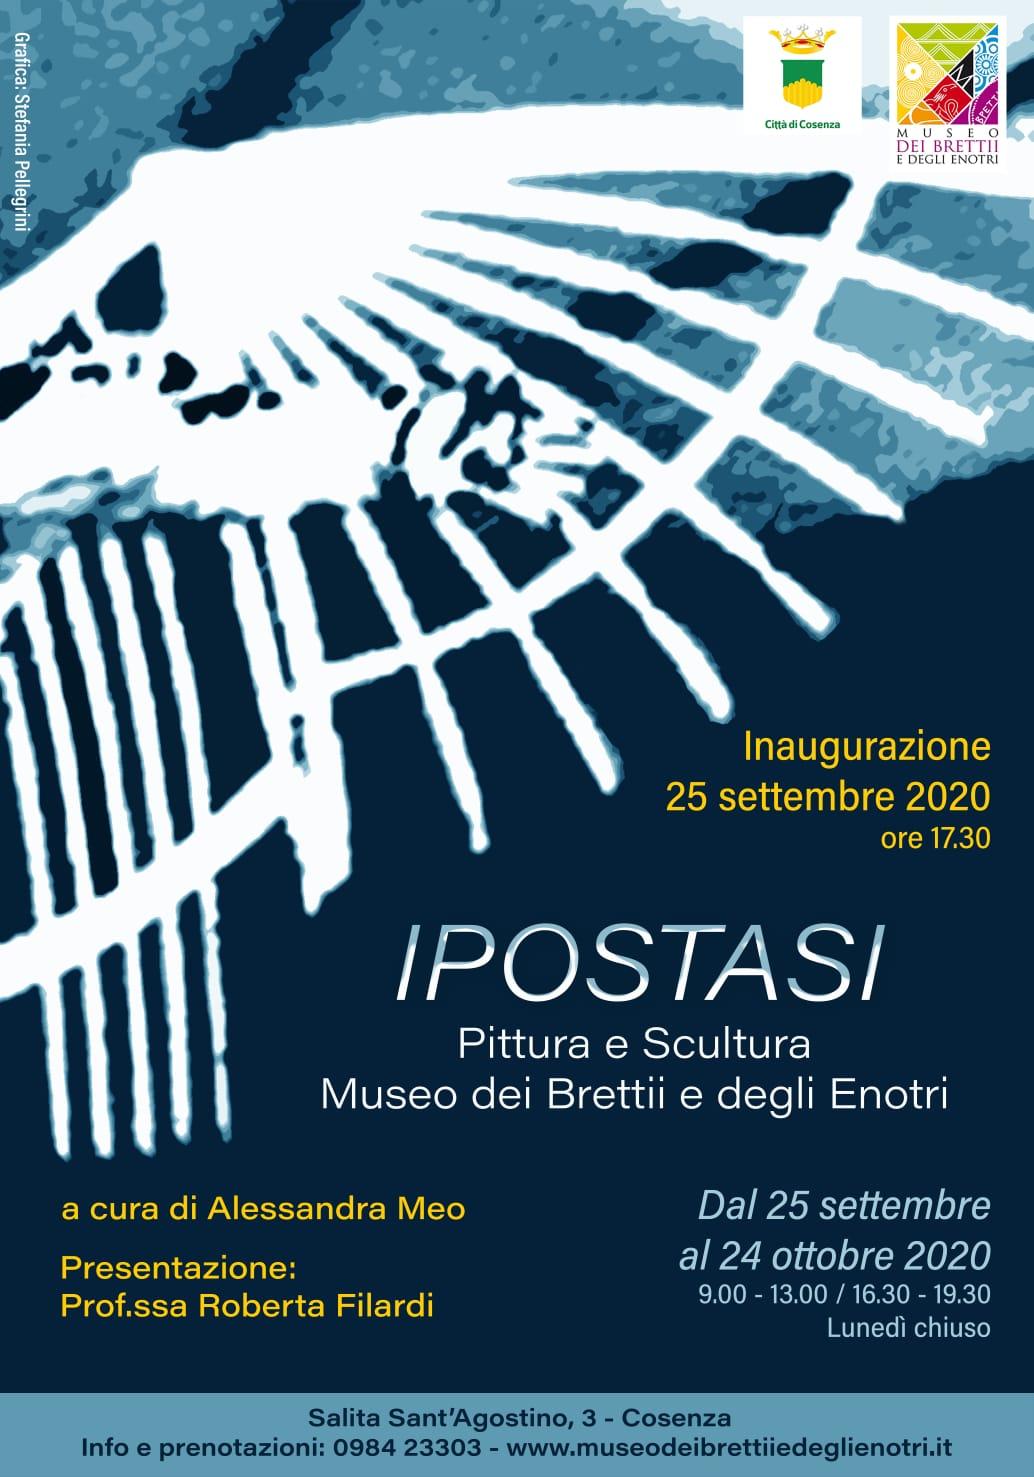 Giornate Europee del Patrimonio 2020 – Il Museo dei Brettii e degli Enotri tra archeologia, arte contemporanea e concerti